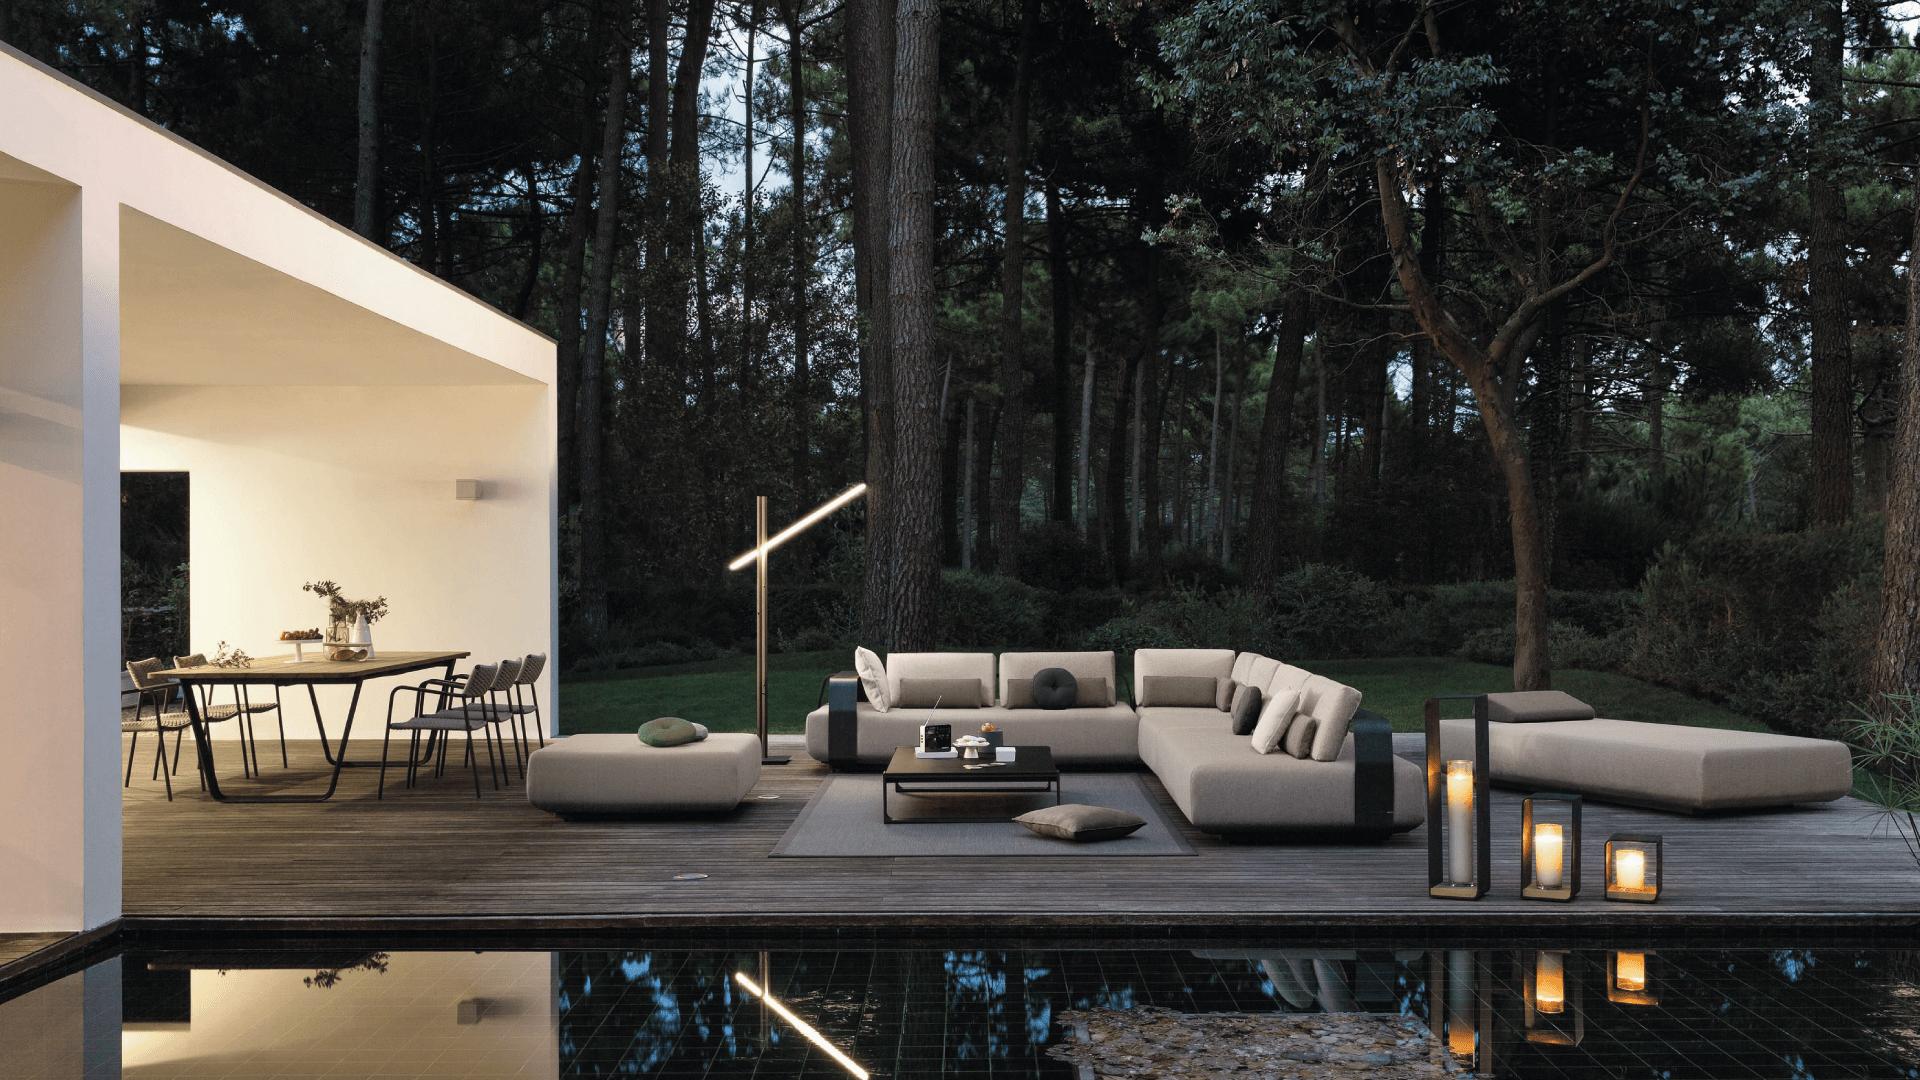 Le Pendu - Manutti meubles design de jardin luxe